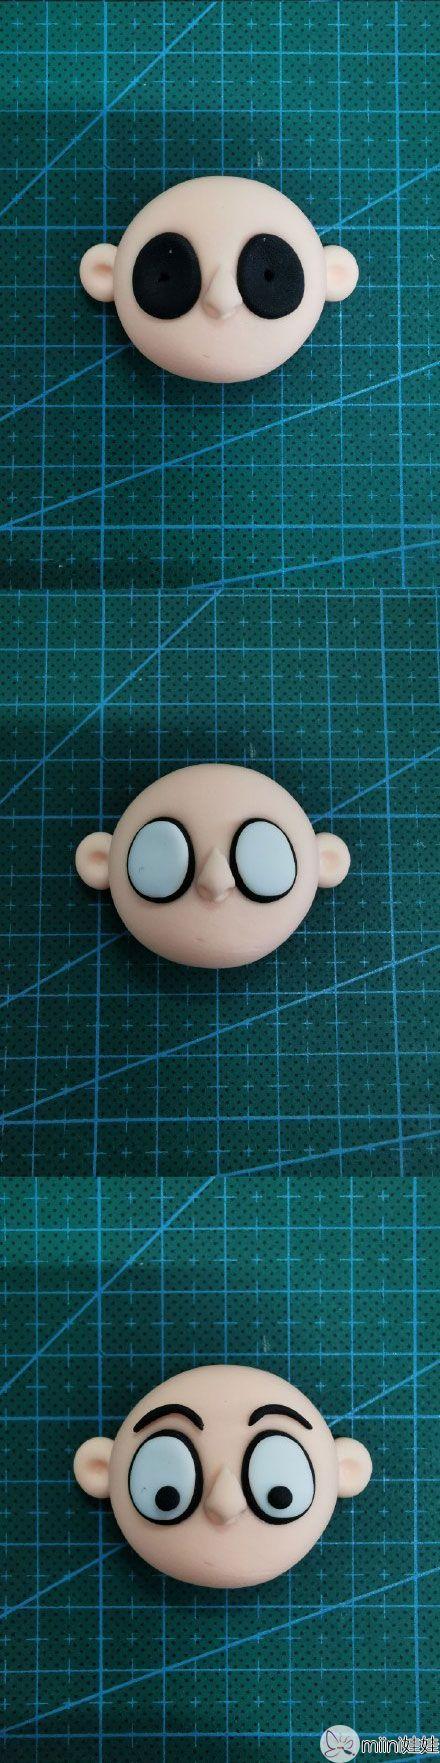 粘土可爱小哪吒玩偶手办做法